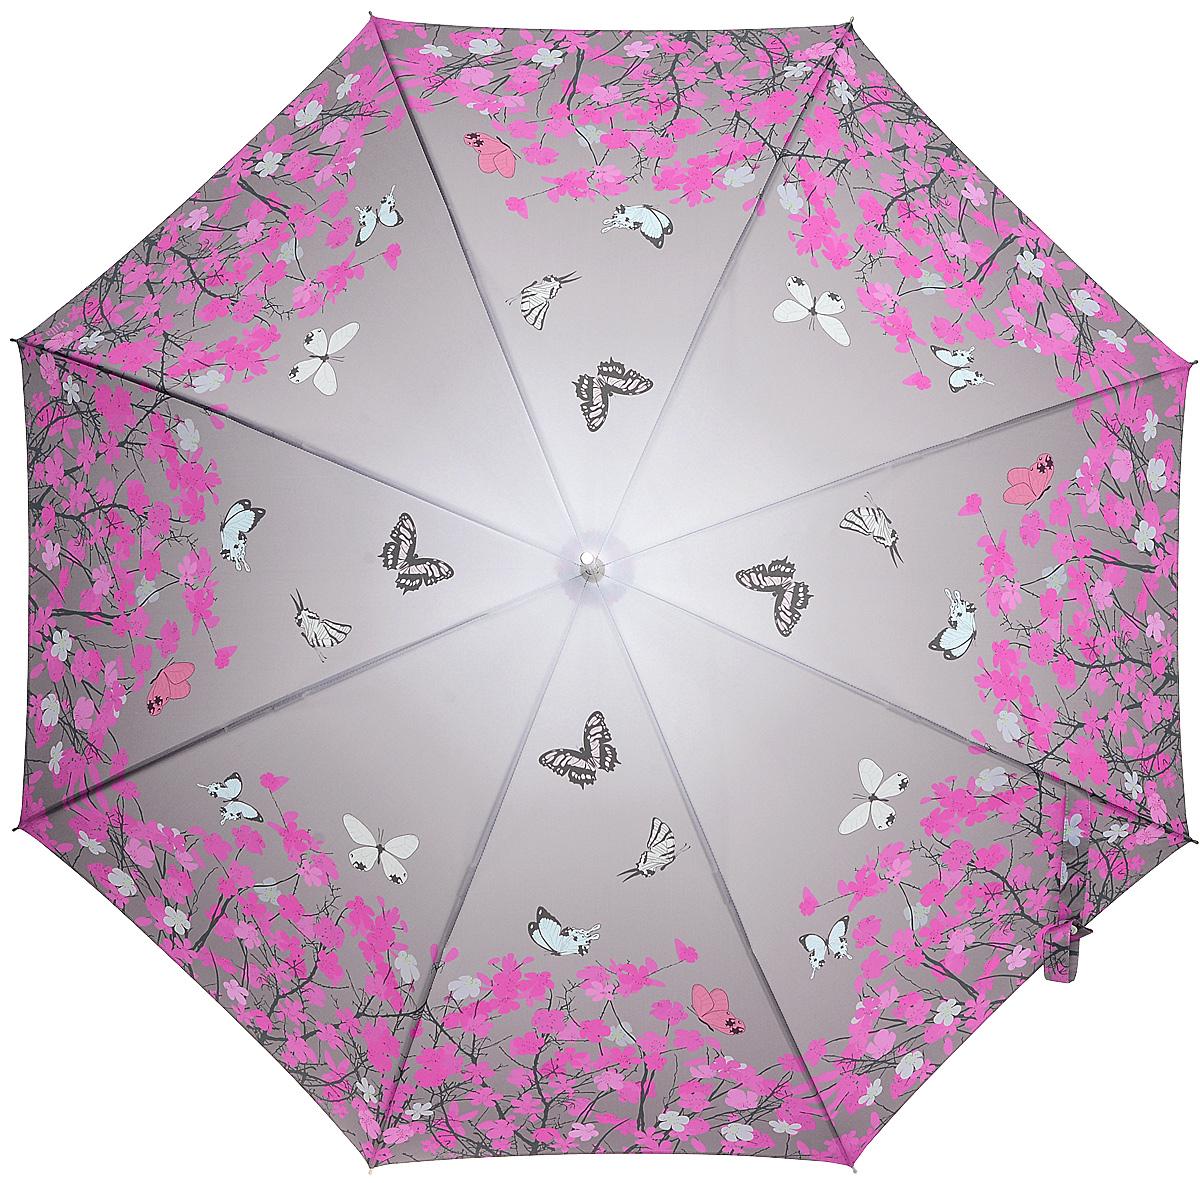 Зонт-трость женский Stilla, цвет: серый, фуксия. 741/2 autoCX1516-50-10Зонт-трость Stilla надежно защитит вас от дождя. Купол, оформленный оригинальным принтом, выполнен из высококачественного ПВХ, который не пропускает воду.Каркас зонта и спицы выполнены из высококарбонистой стали. Зонт имеет автоматический тип сложения: открывается и закрывается при нажатии на кнопку. Удобная ручка выполнена из пластика.